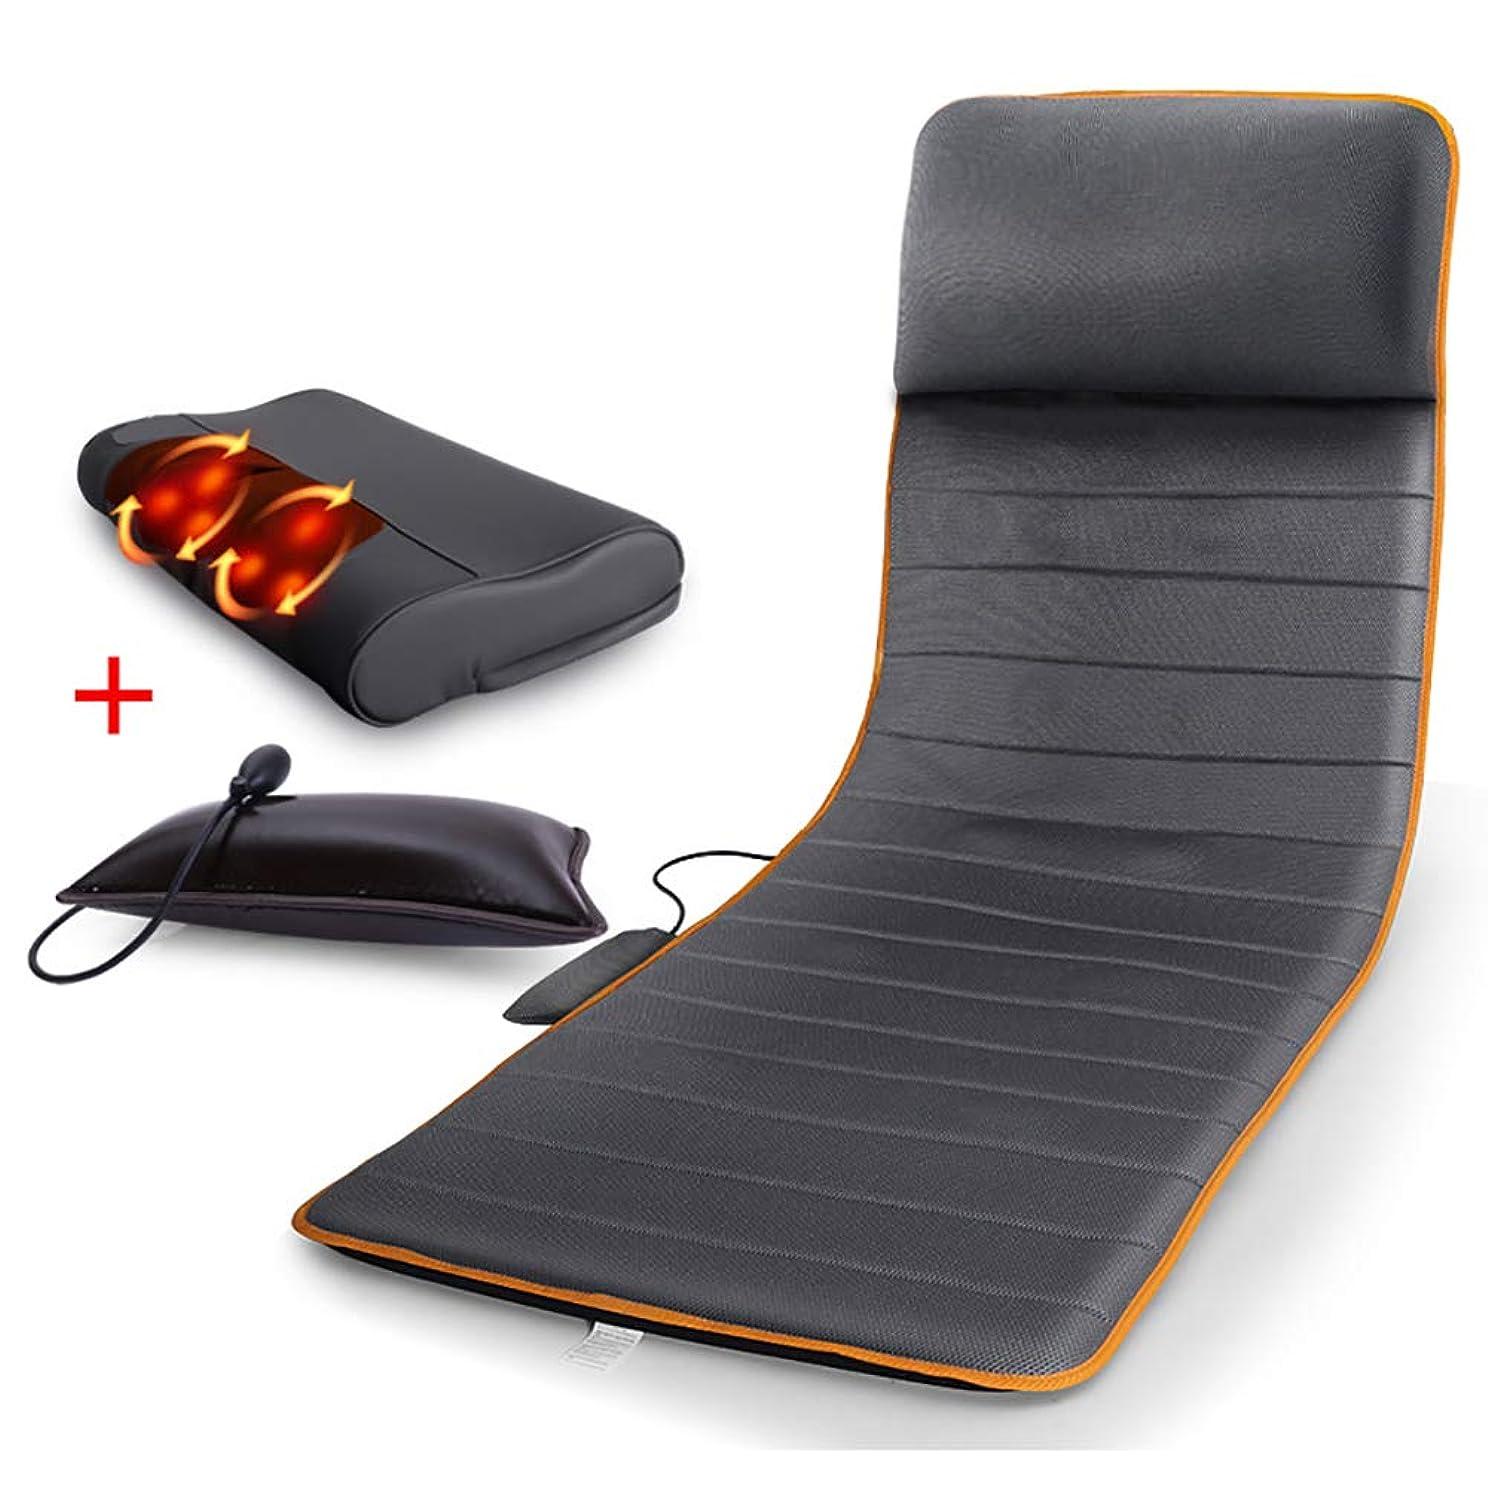 吸い込む登るほぼ多機能ボディ電気毛布ベッドマッサージシートクッション - 熱で背中のマッサージャー、フルバックの痛みを軽減、ホームオフィスの椅子のためのマッサージチェアパッド